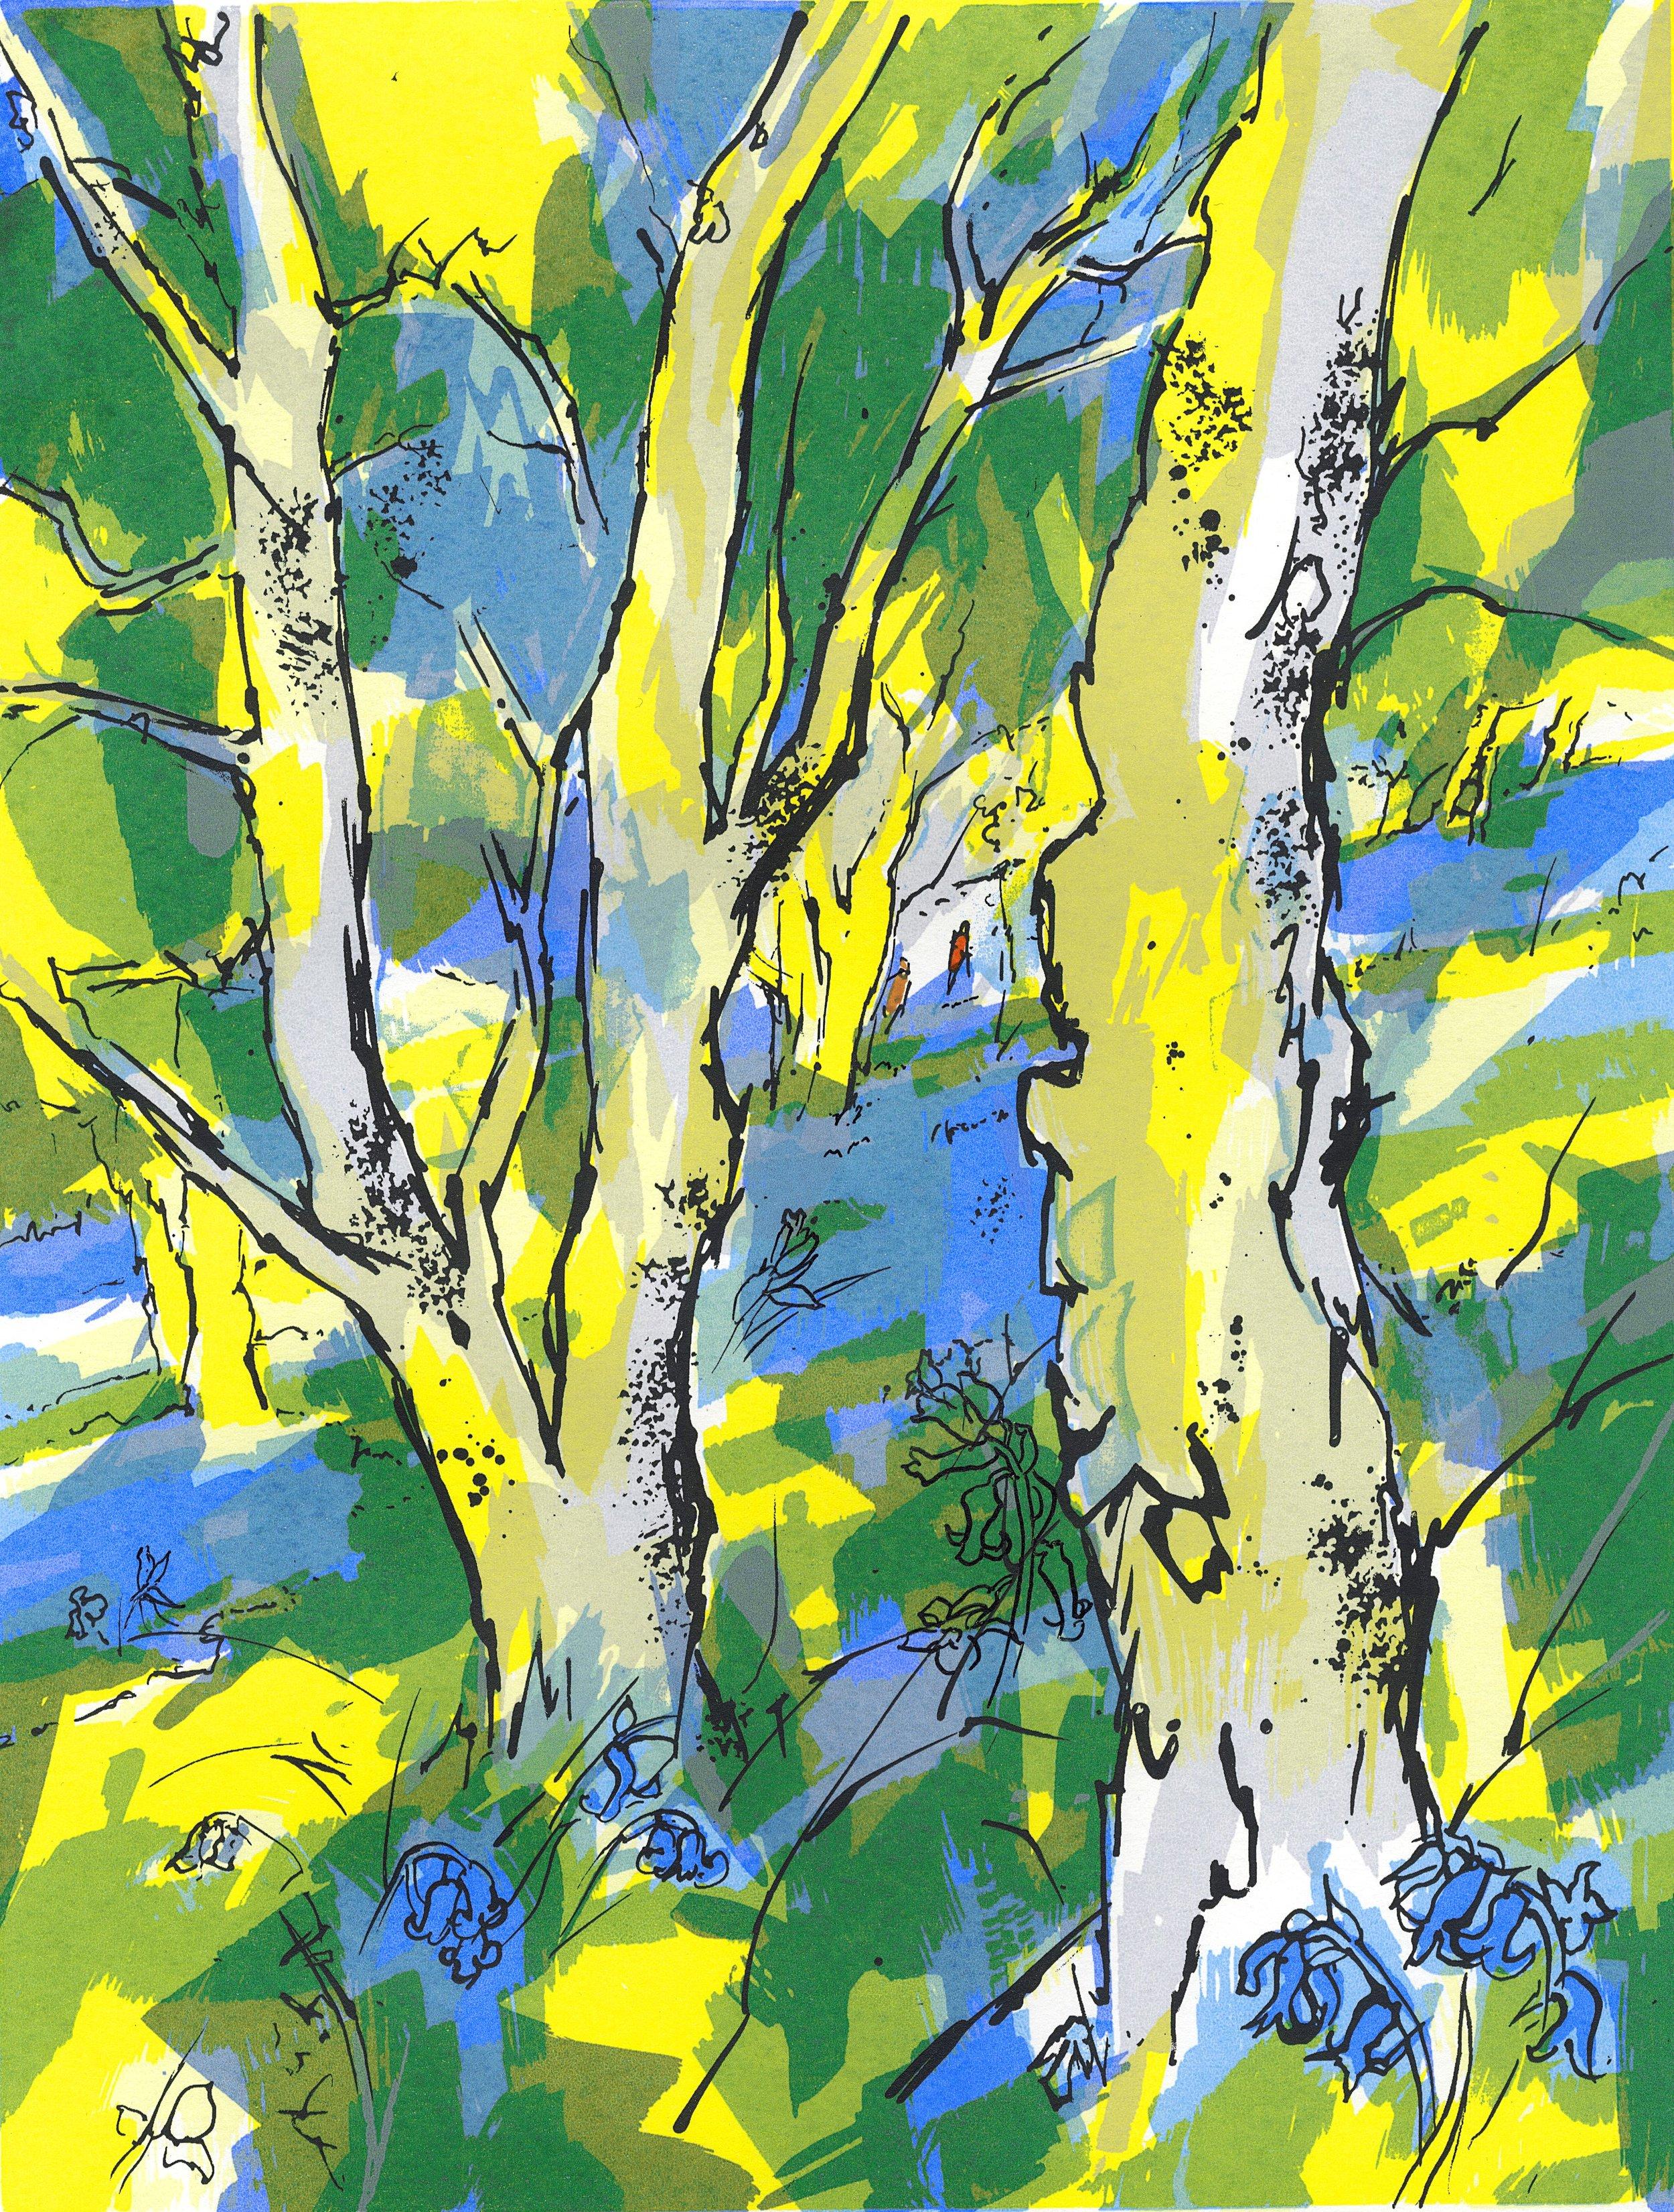 Blackhill Bluebells, screenprint sold at Crickhowell Open Art Exhibition